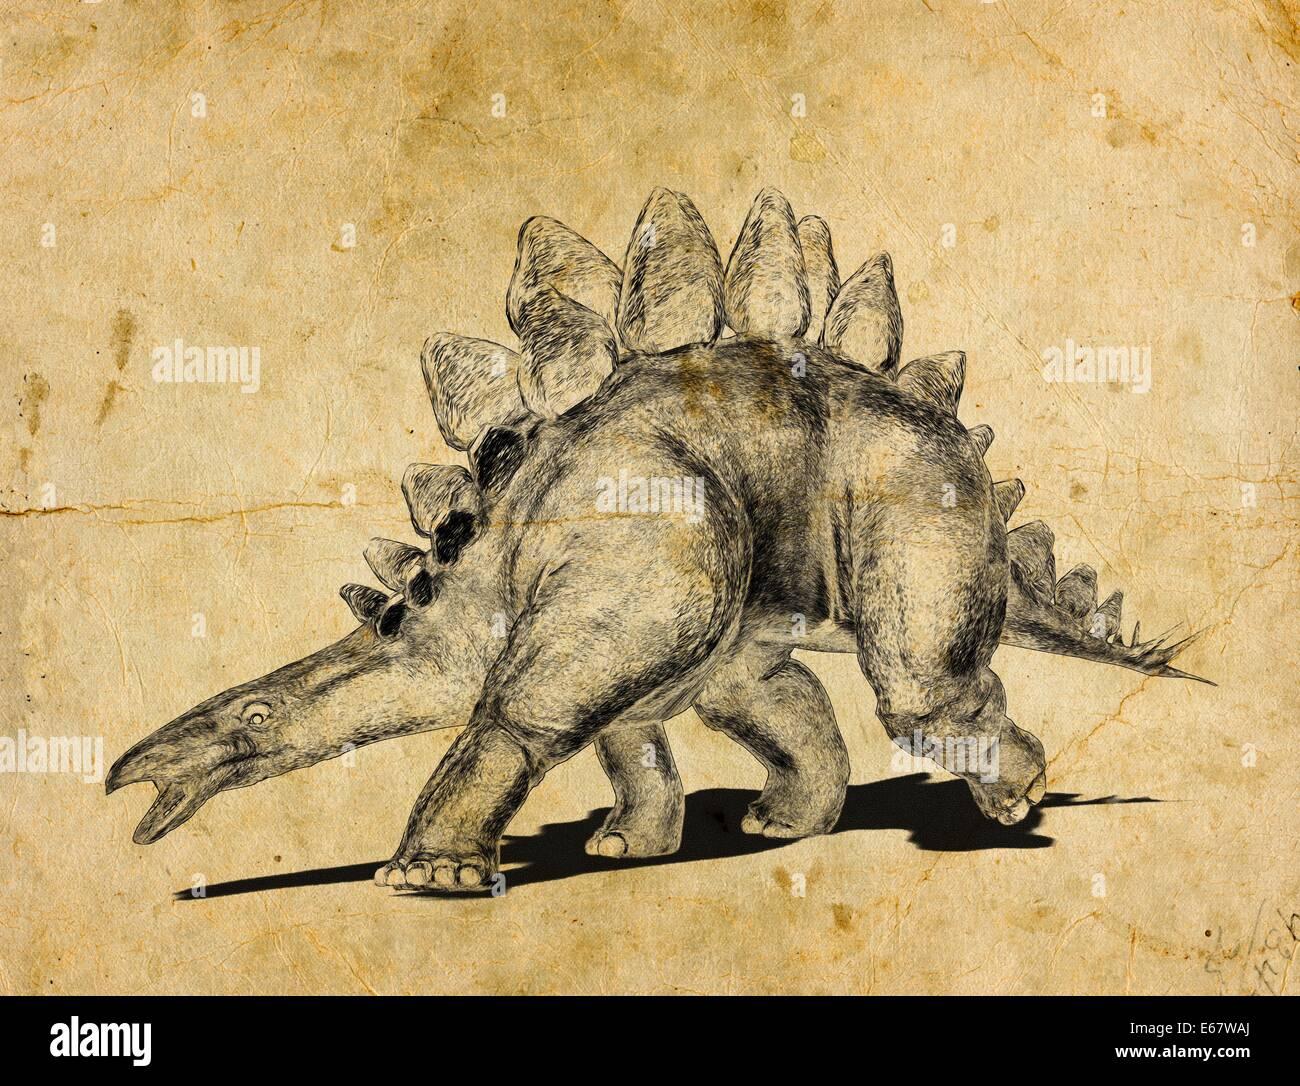 Dinosaurier Stegosaurus / dinosaur  StegosaurusStock Photo